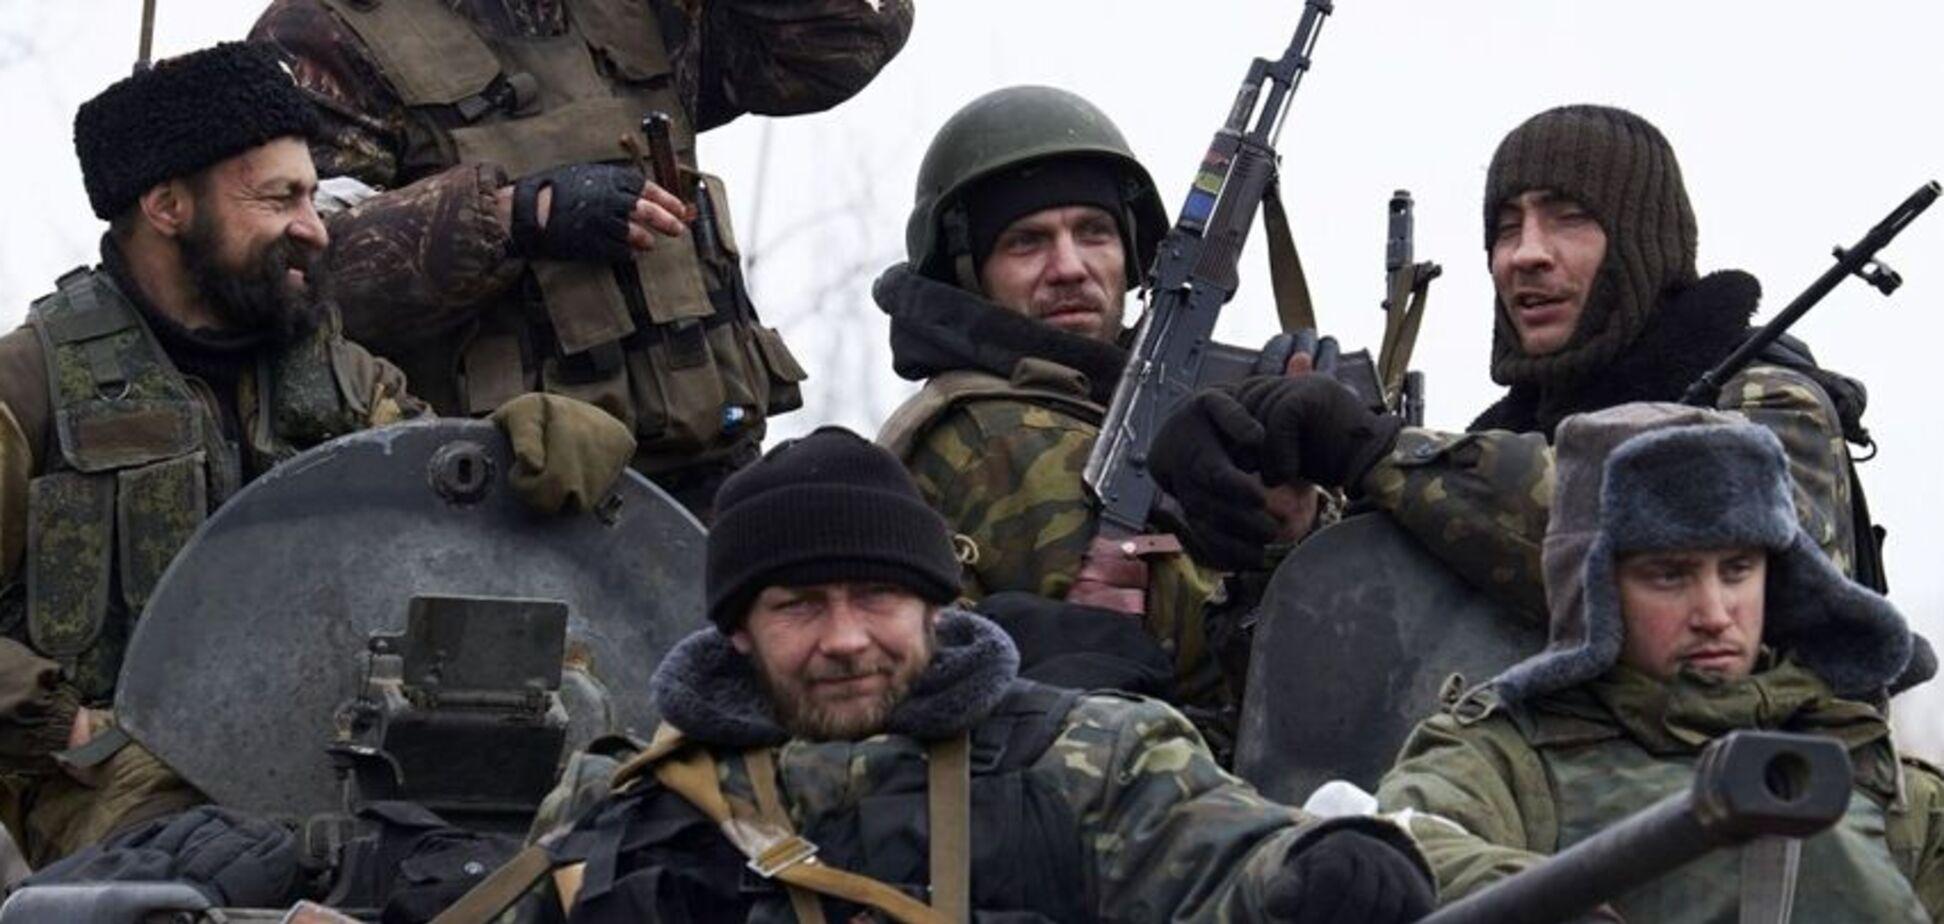 Небезпечні терористи 'Мати' і 'Шахтар' померли на Донбасі